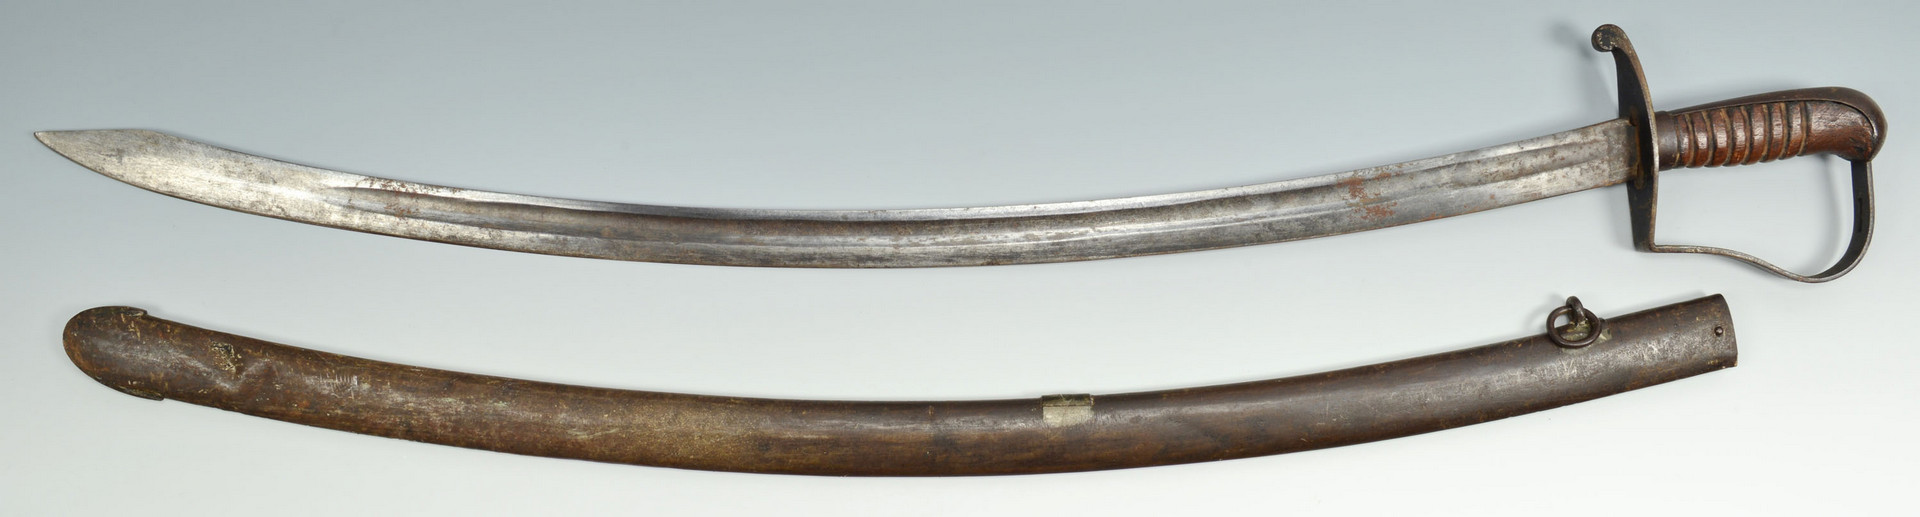 Lot 409: U.S. Cavalry 1818 N. Starr Saber